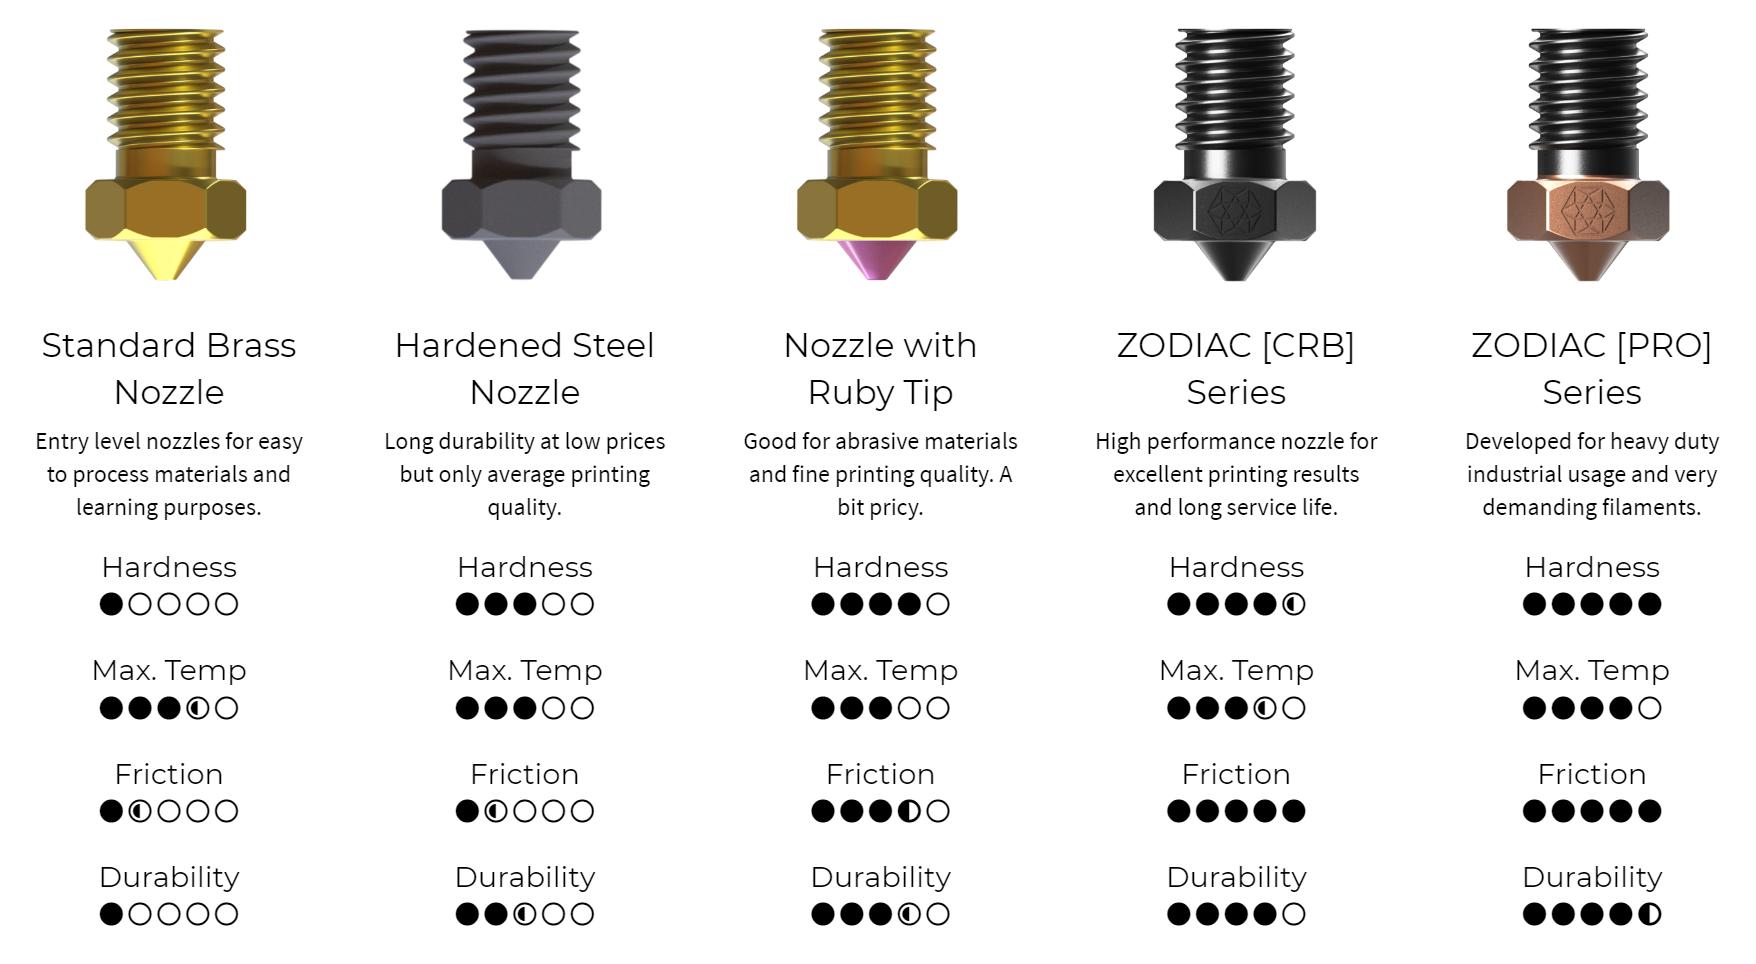 Nozzle comparison